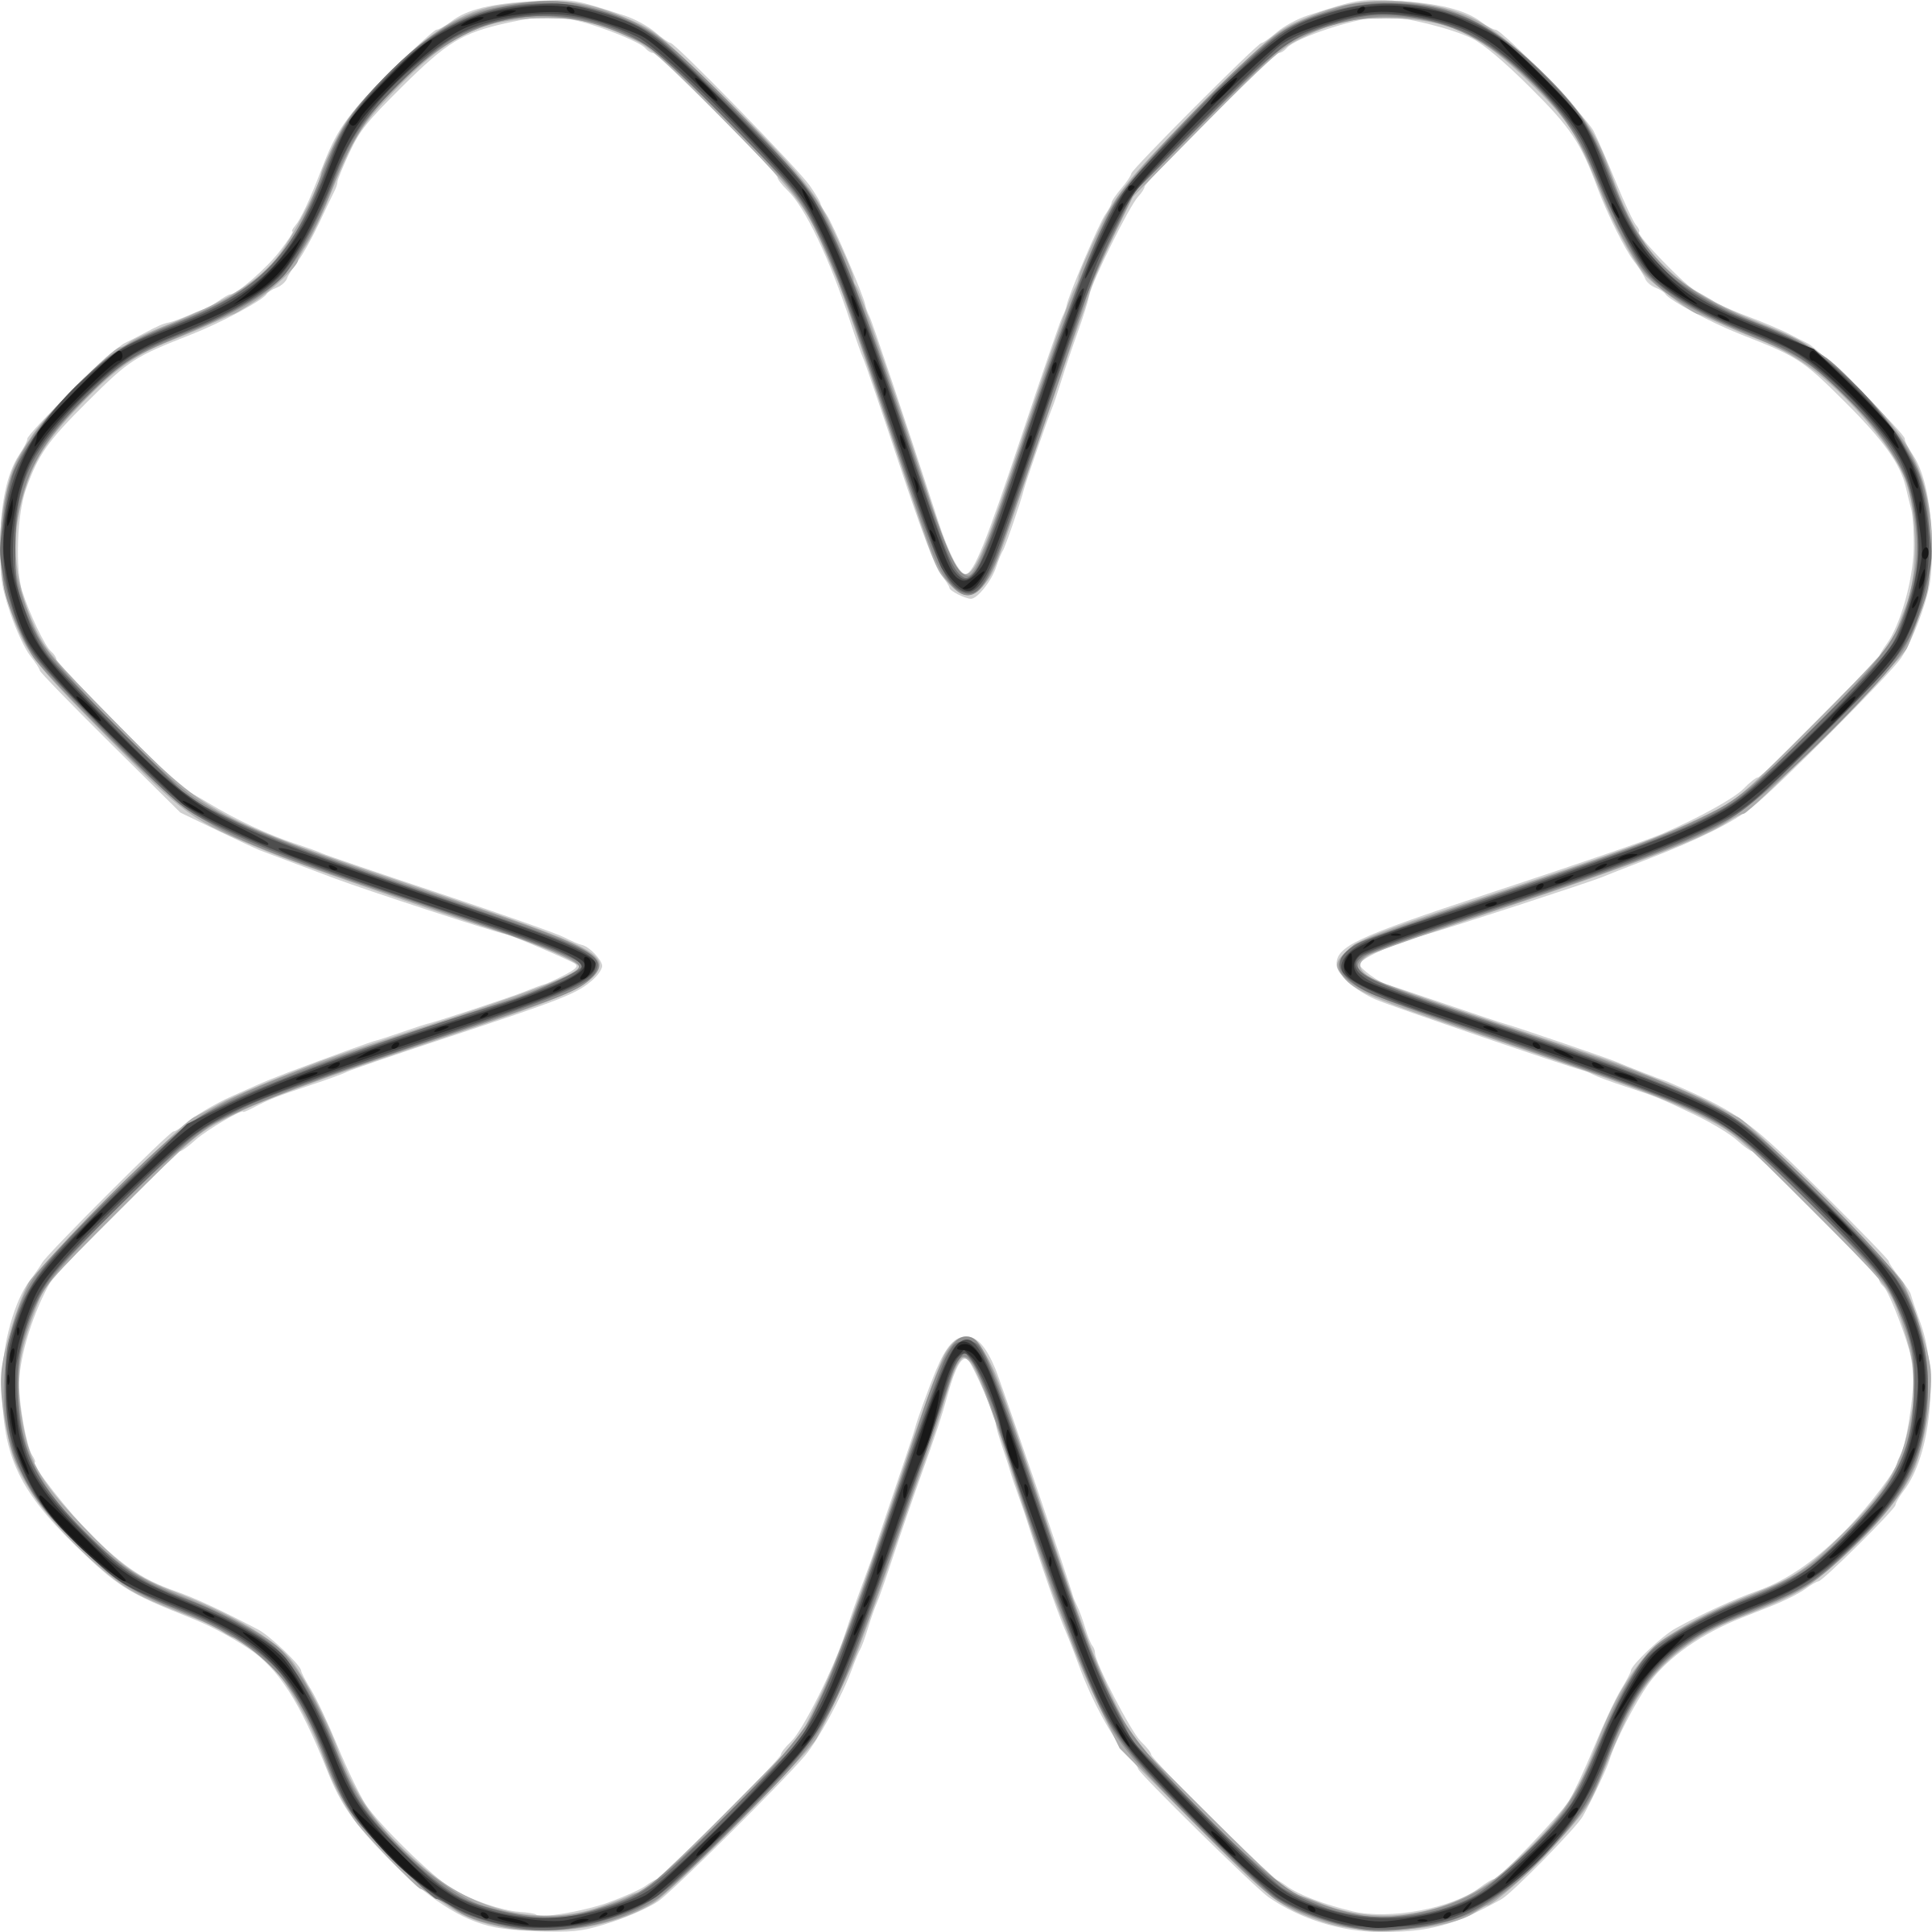 Flower  Petal Heart Template By Baj Flower  Petal Heart